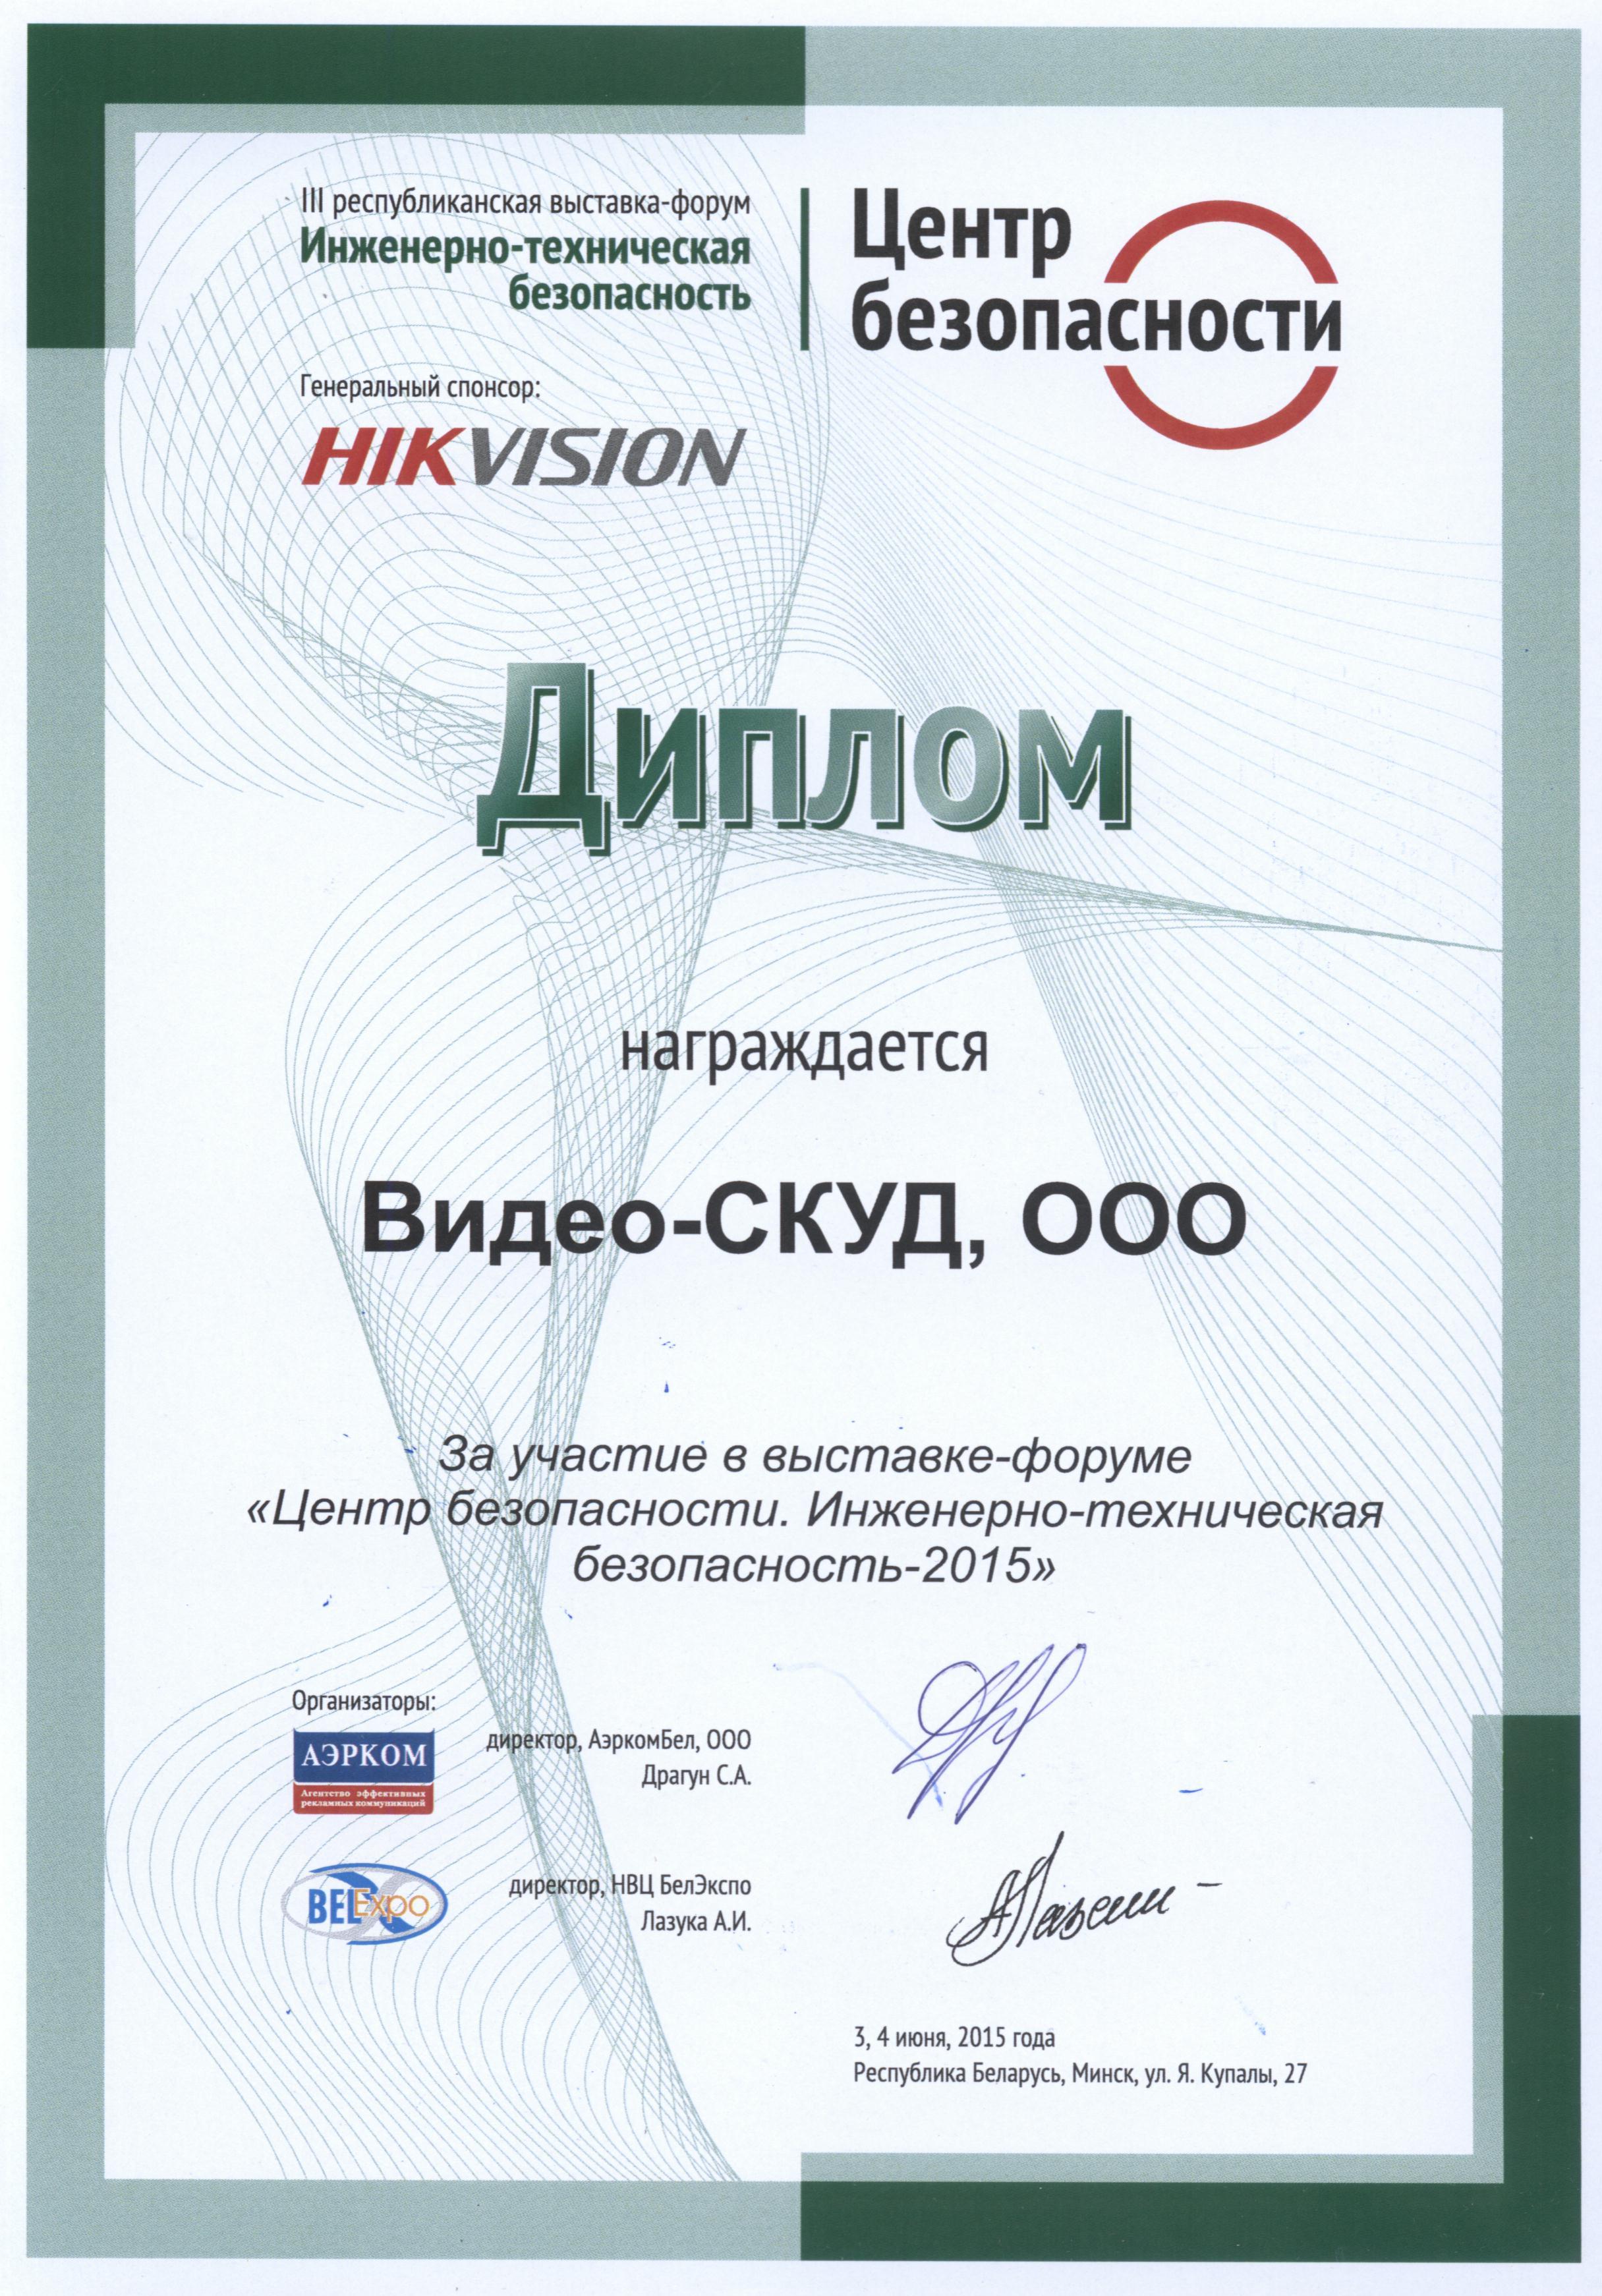 Новый диплом компании Видео СКУД